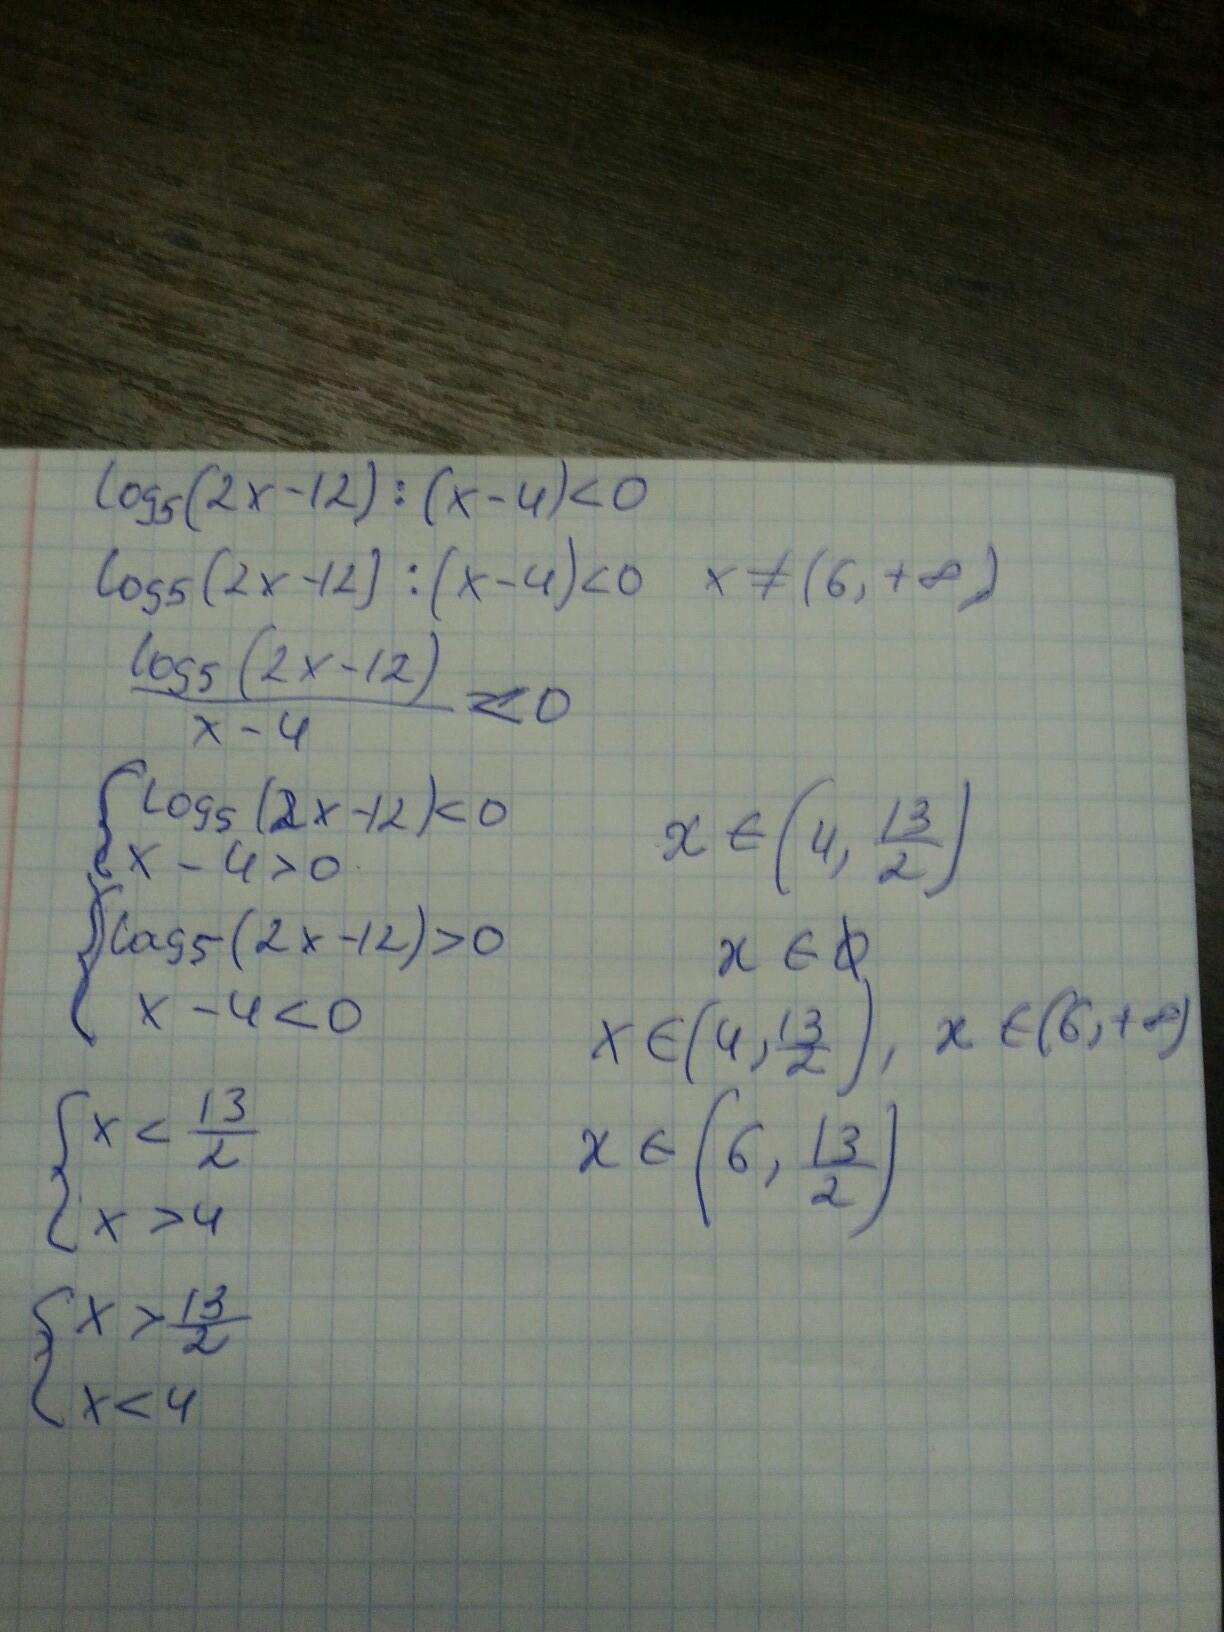 Log5(2х-12)/(х-4)<0